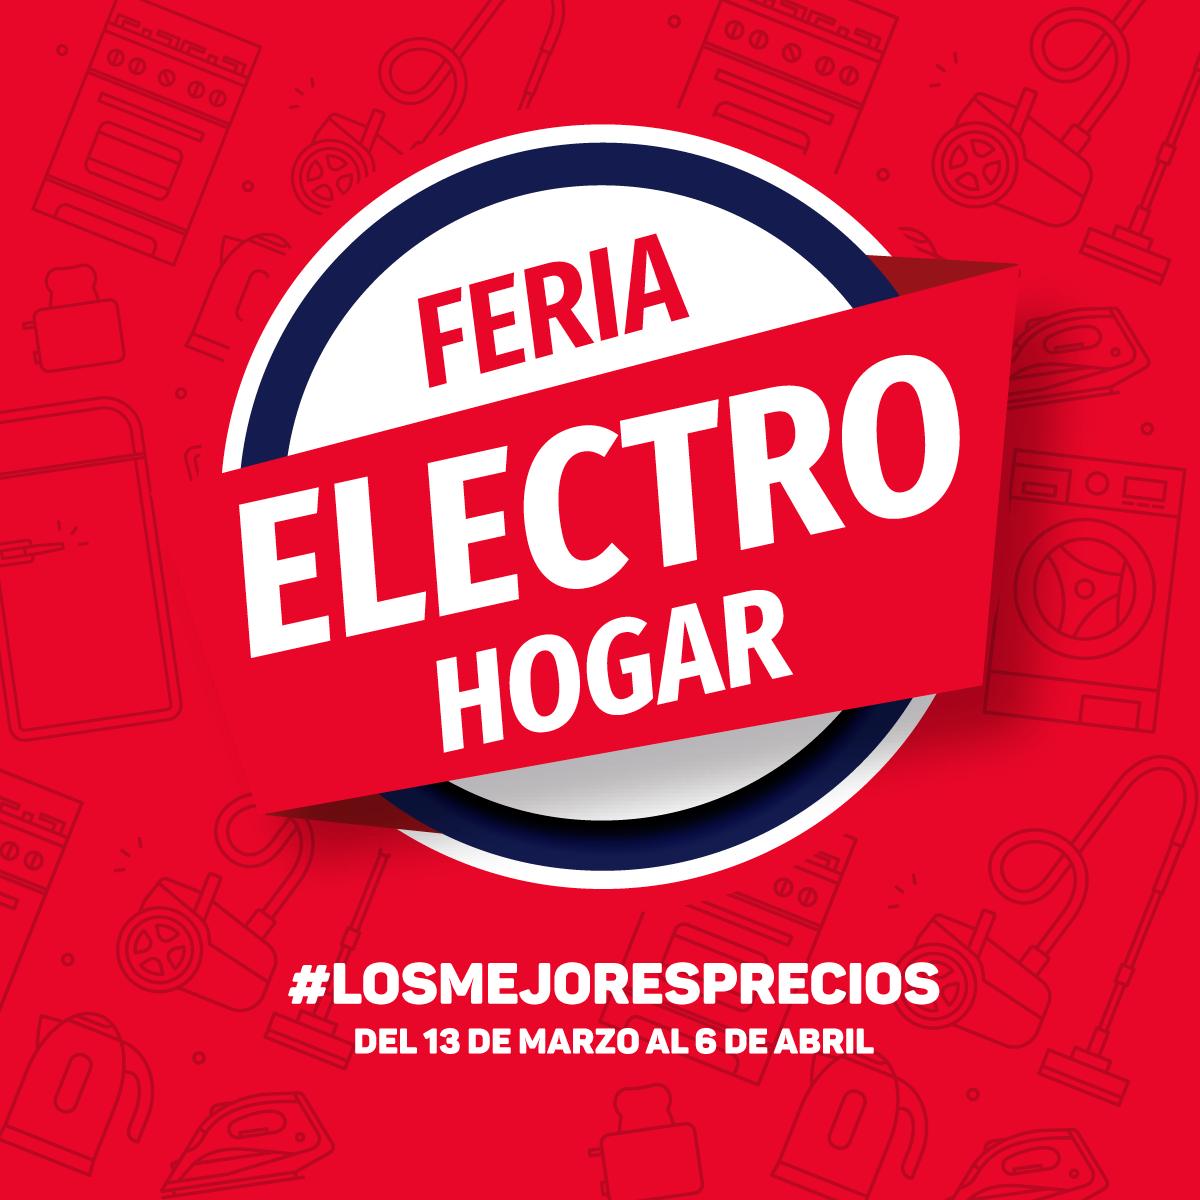 <b>Feria Electro Hogar</b>